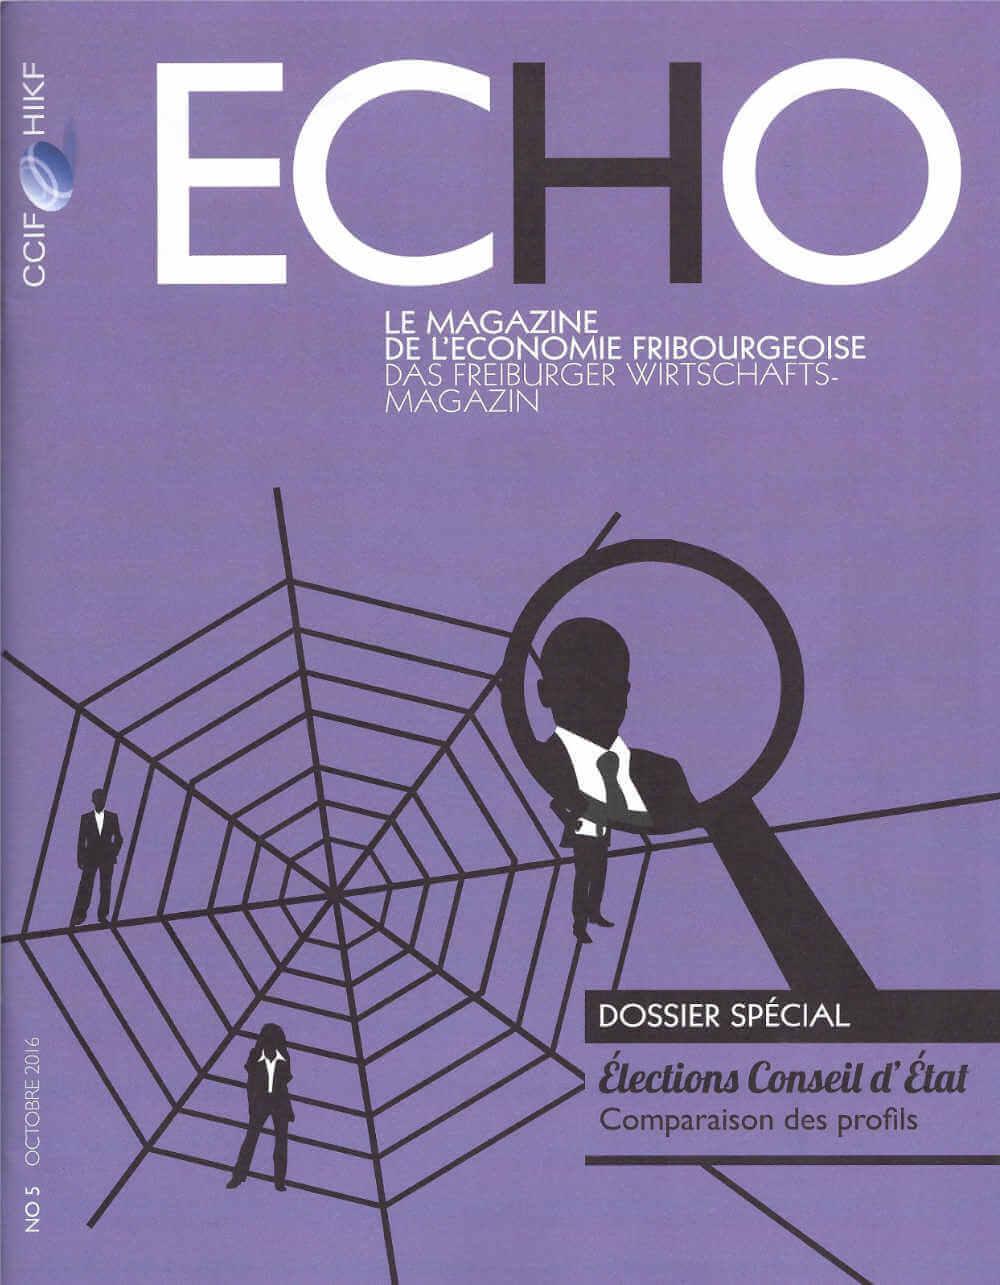 CCIF - Echo, le magazine de l'économie fribourgeoise